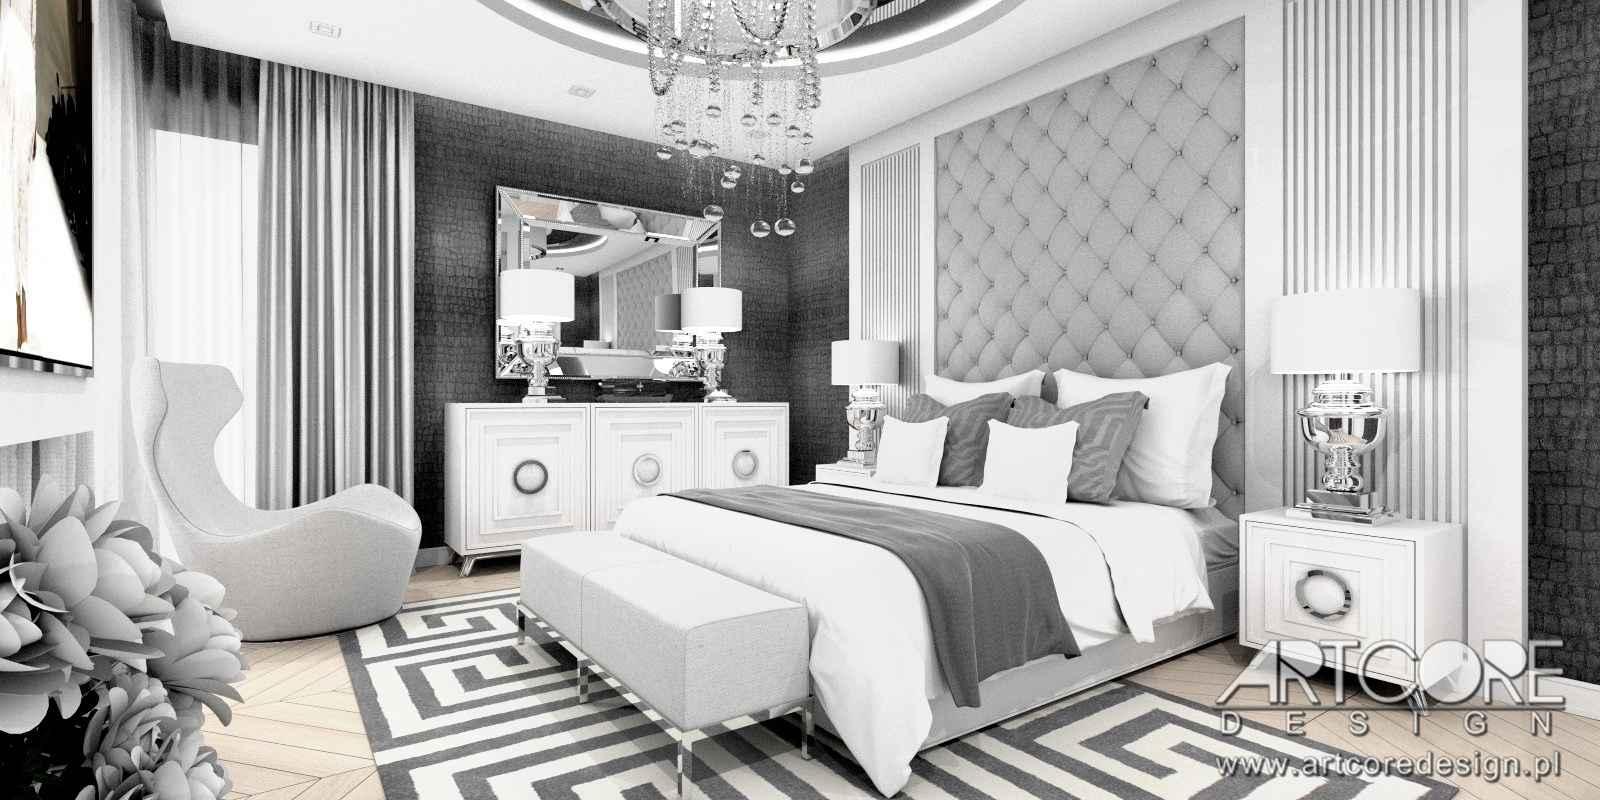 projekt wnętrza domu luksusowa sypialnia glamour w warszawie